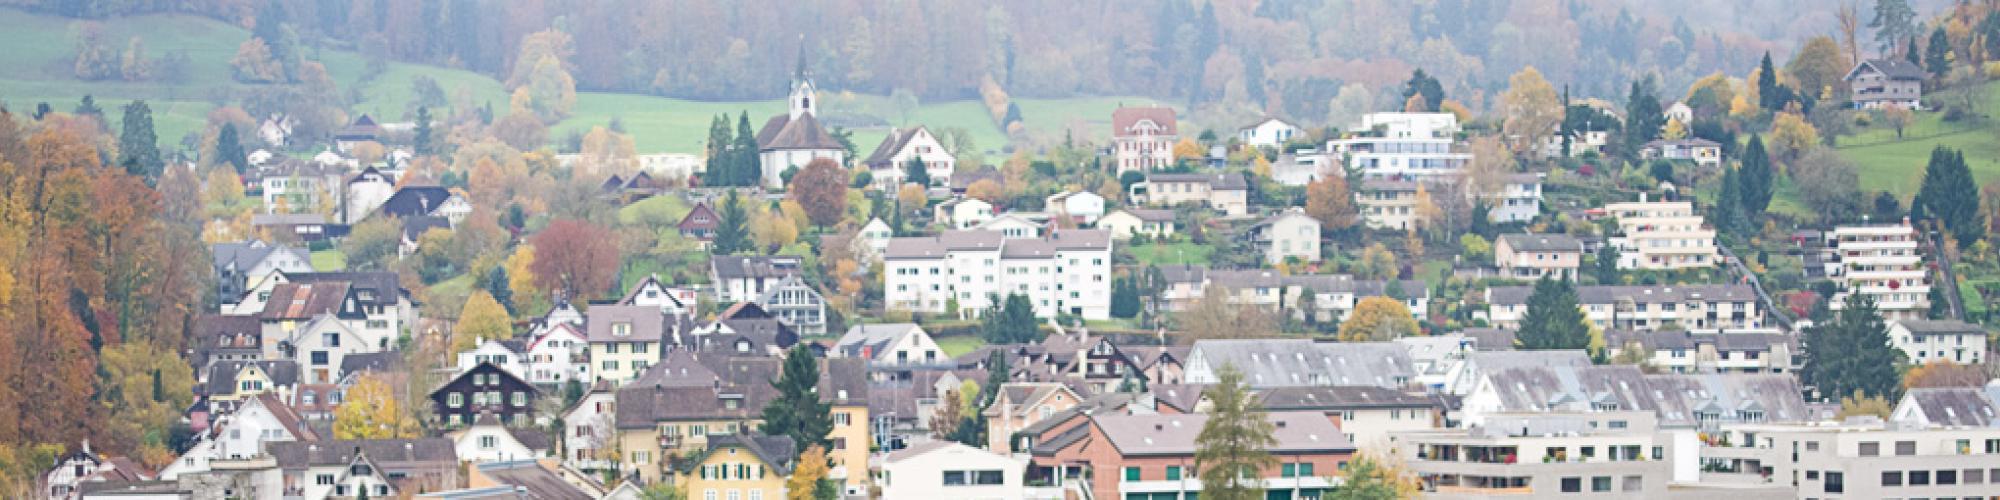 Gemeinde Langnau am Albis